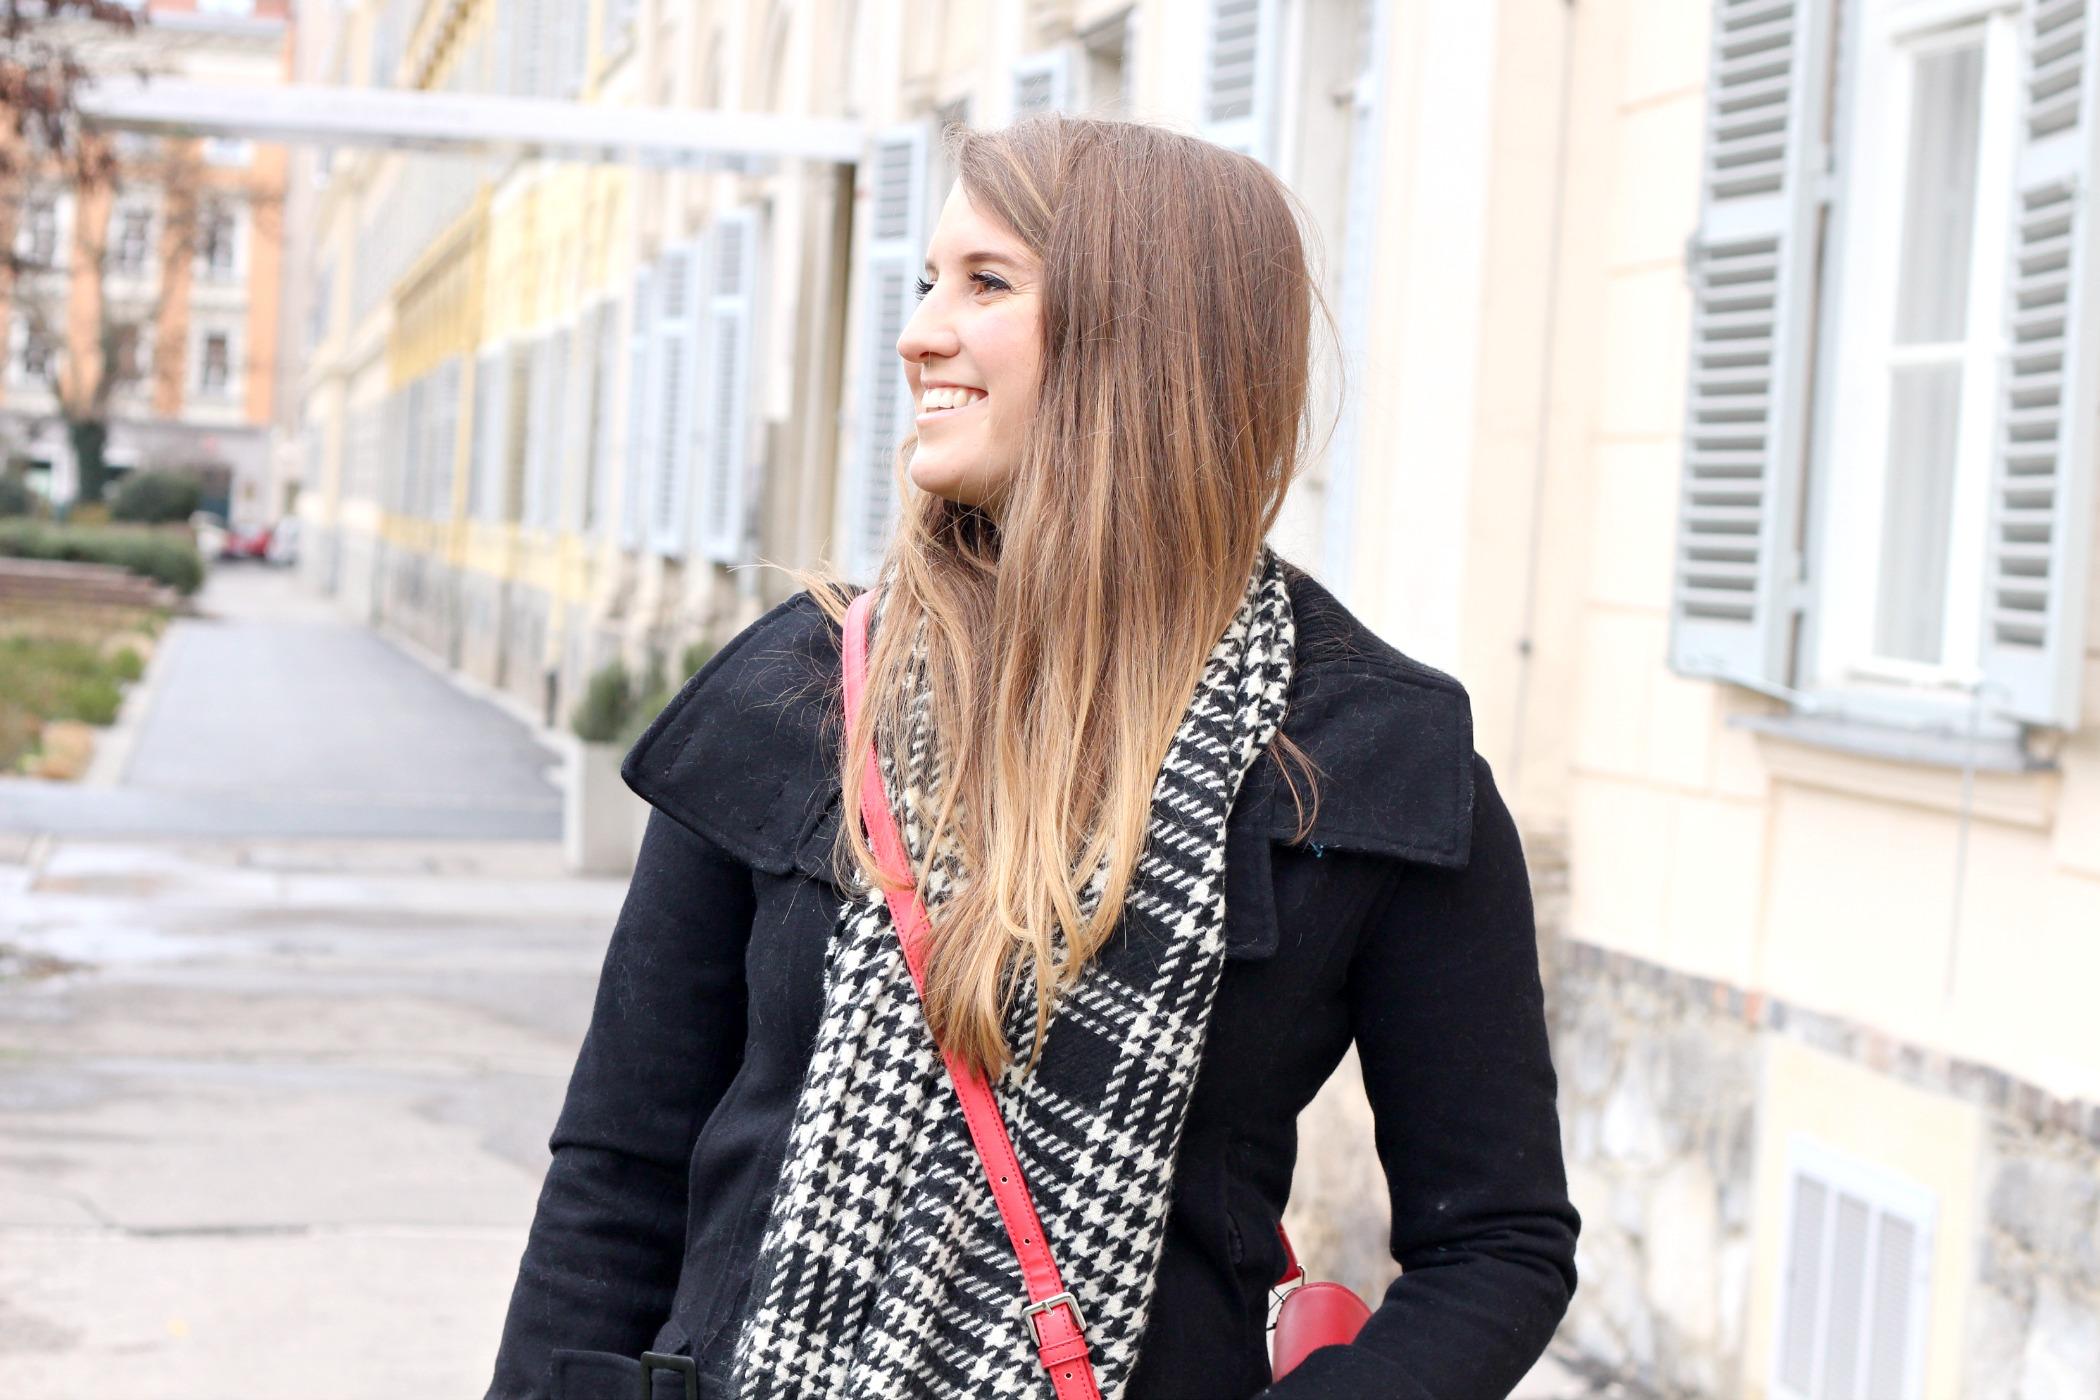 fitnessblog-lifestyleblog-blog-österreich-graz-klara-fuchs-blogger-lifestyle-stadt-outfit3